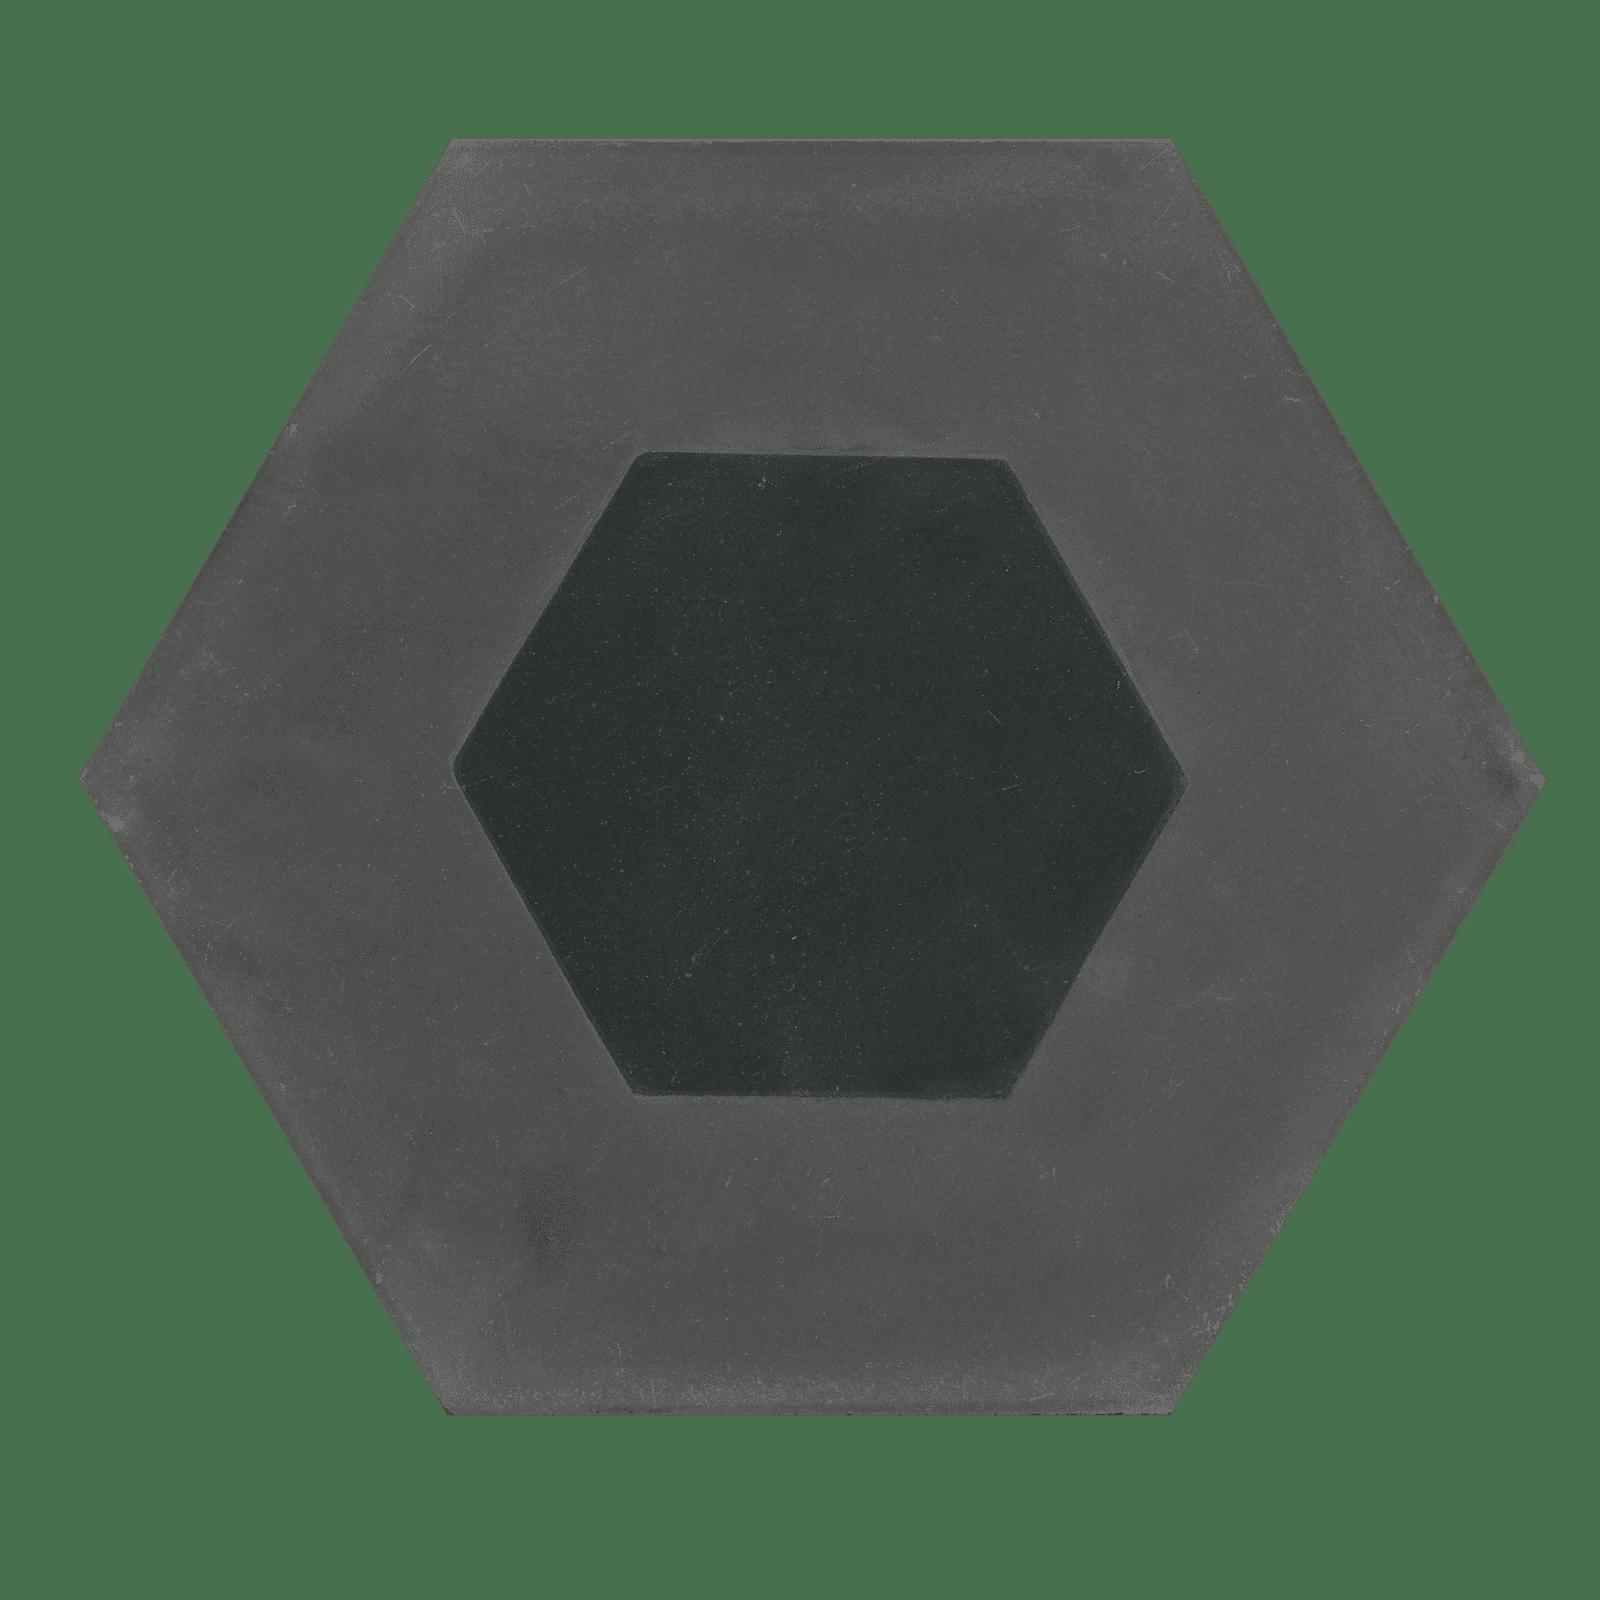 zementmosaikfliesen-nummer-600561-viaplatten | 600561